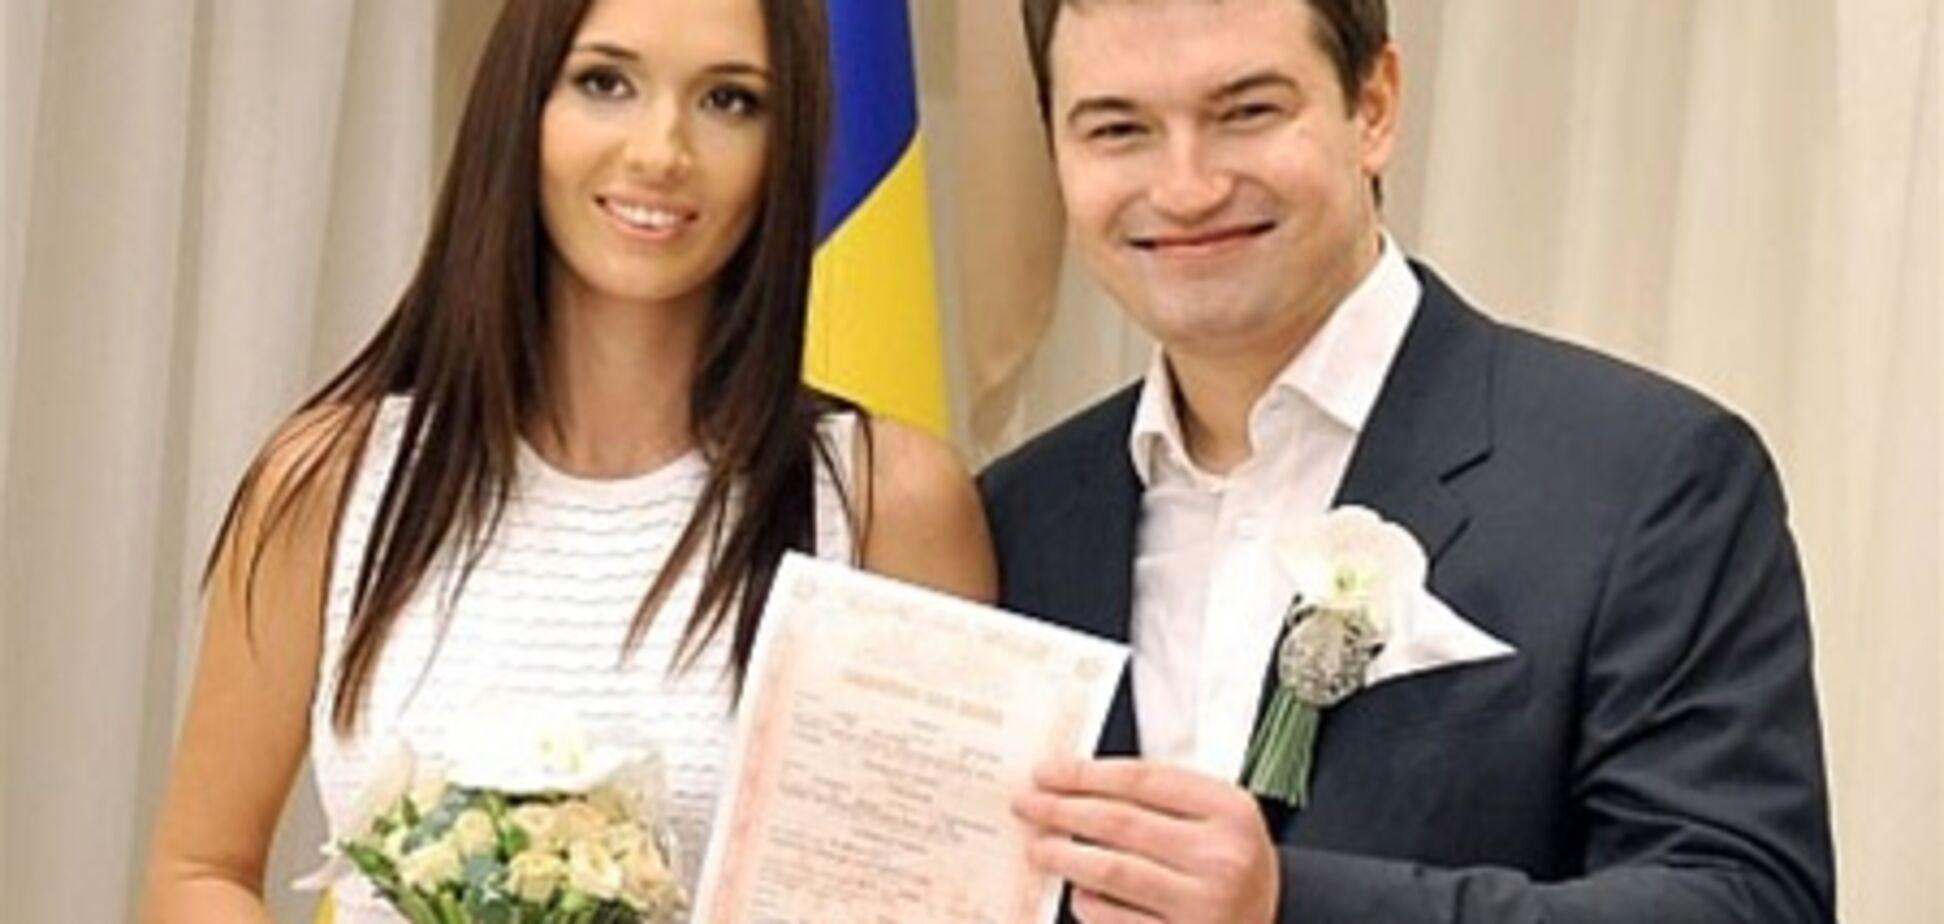 У Лізи Ющенко більше не буде дітей?